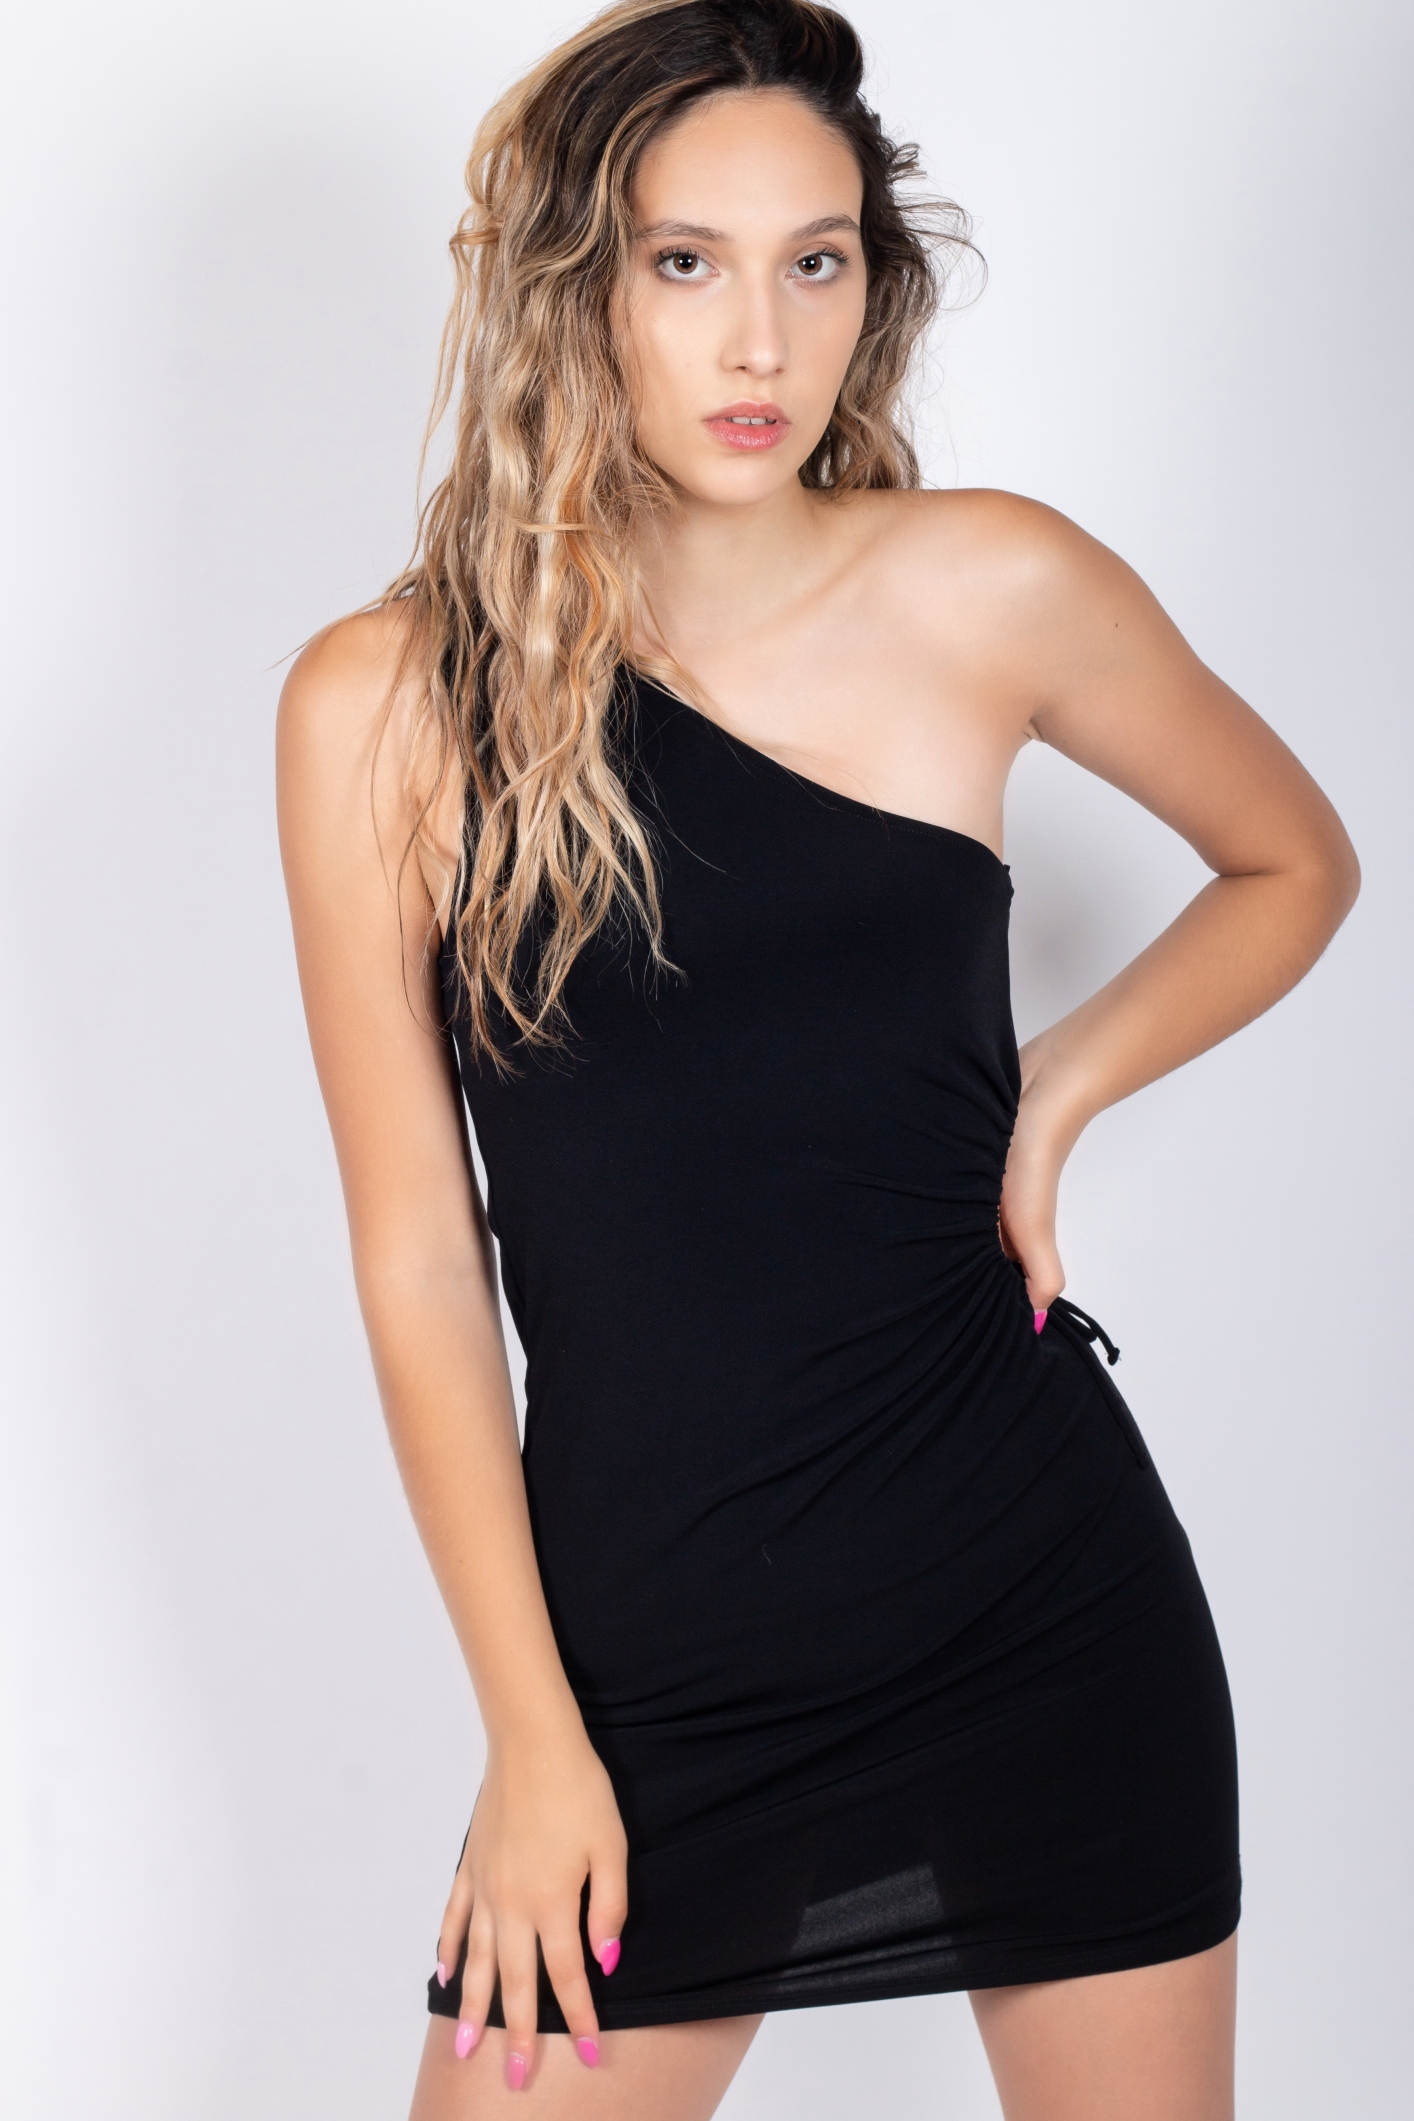 Mariana Silva